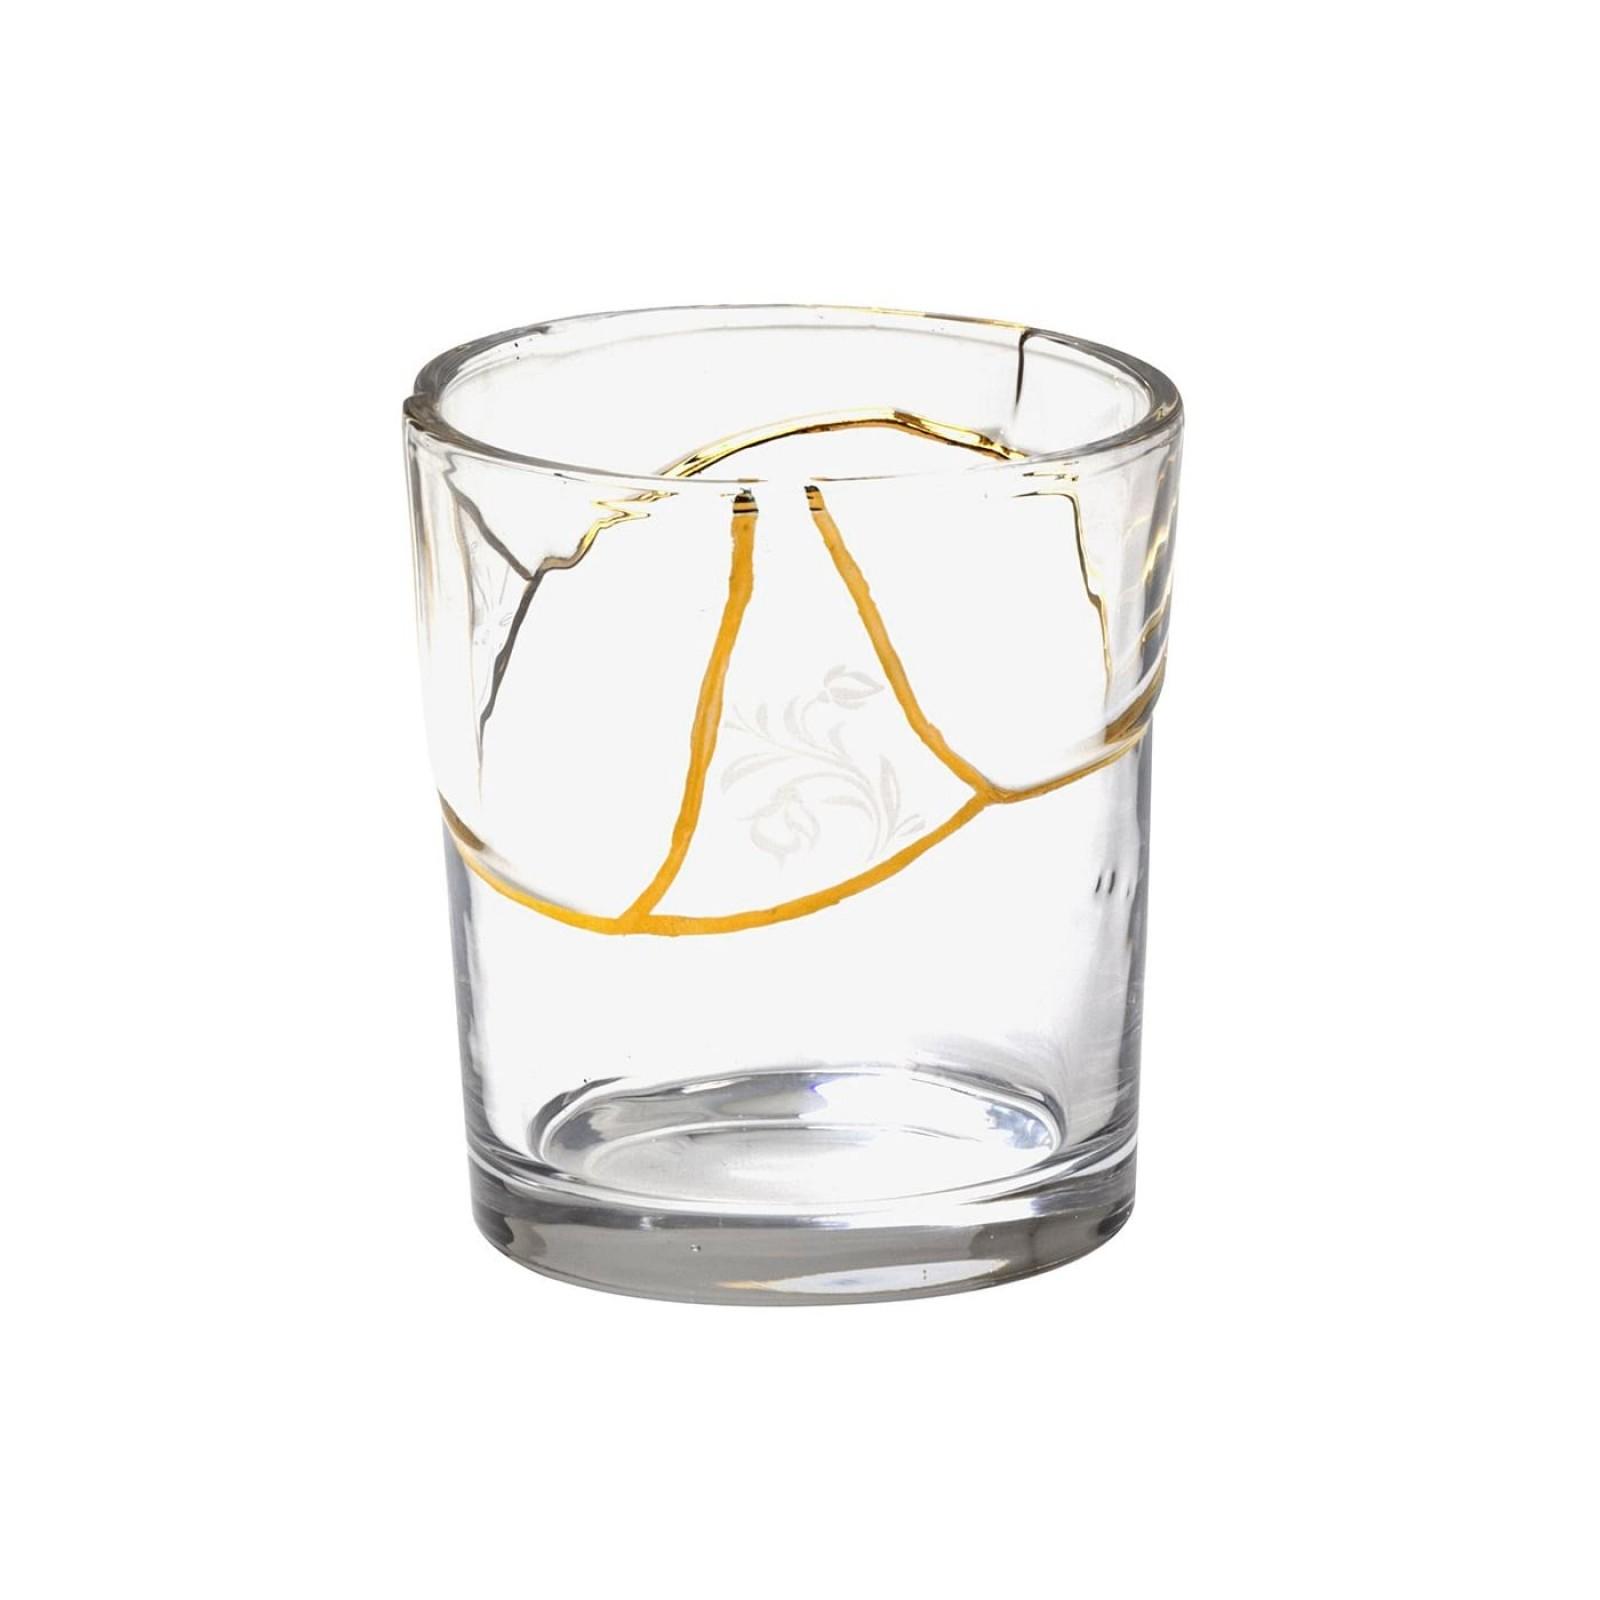 Ποτήρι Kintsugi N.3 (Γυαλί / Χρυσός) - Seletti